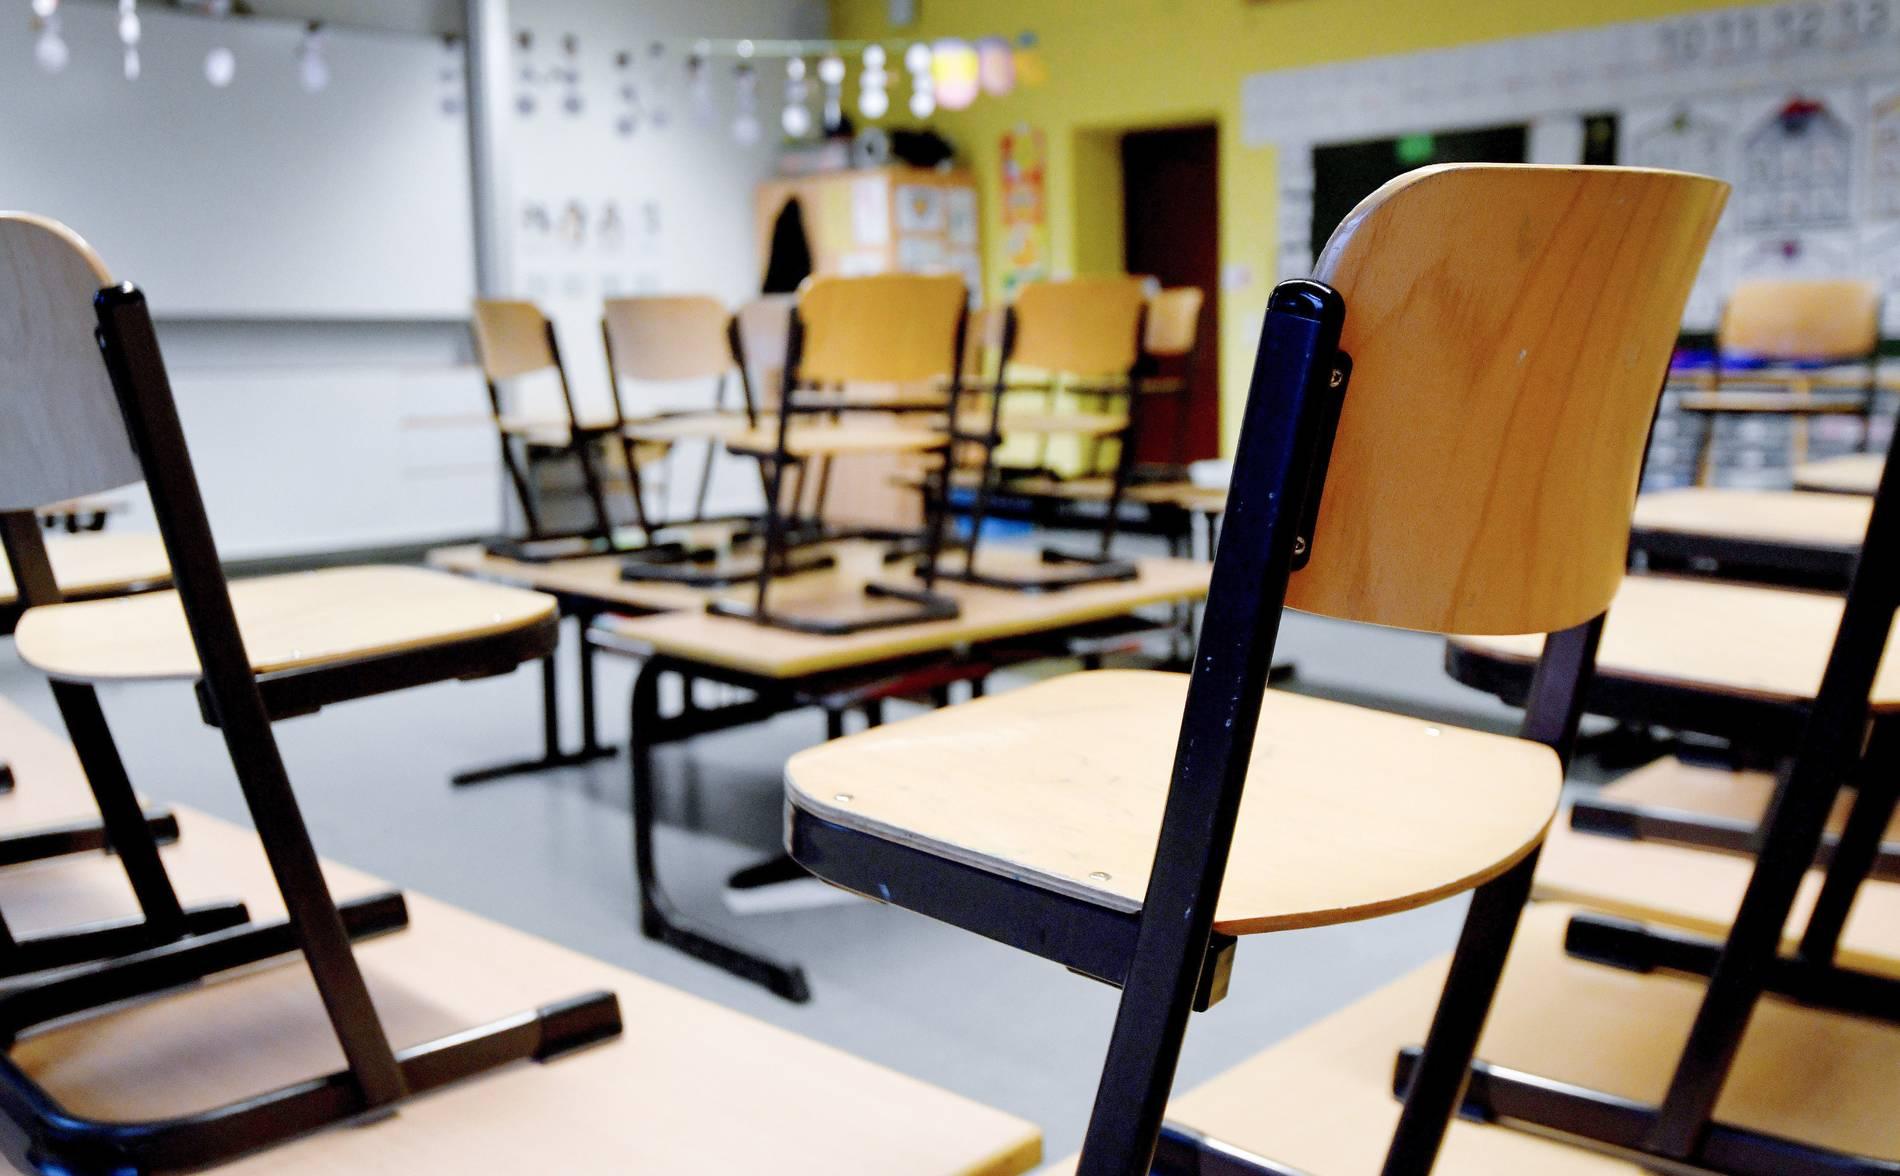 Nrw Kindergarten Schließung